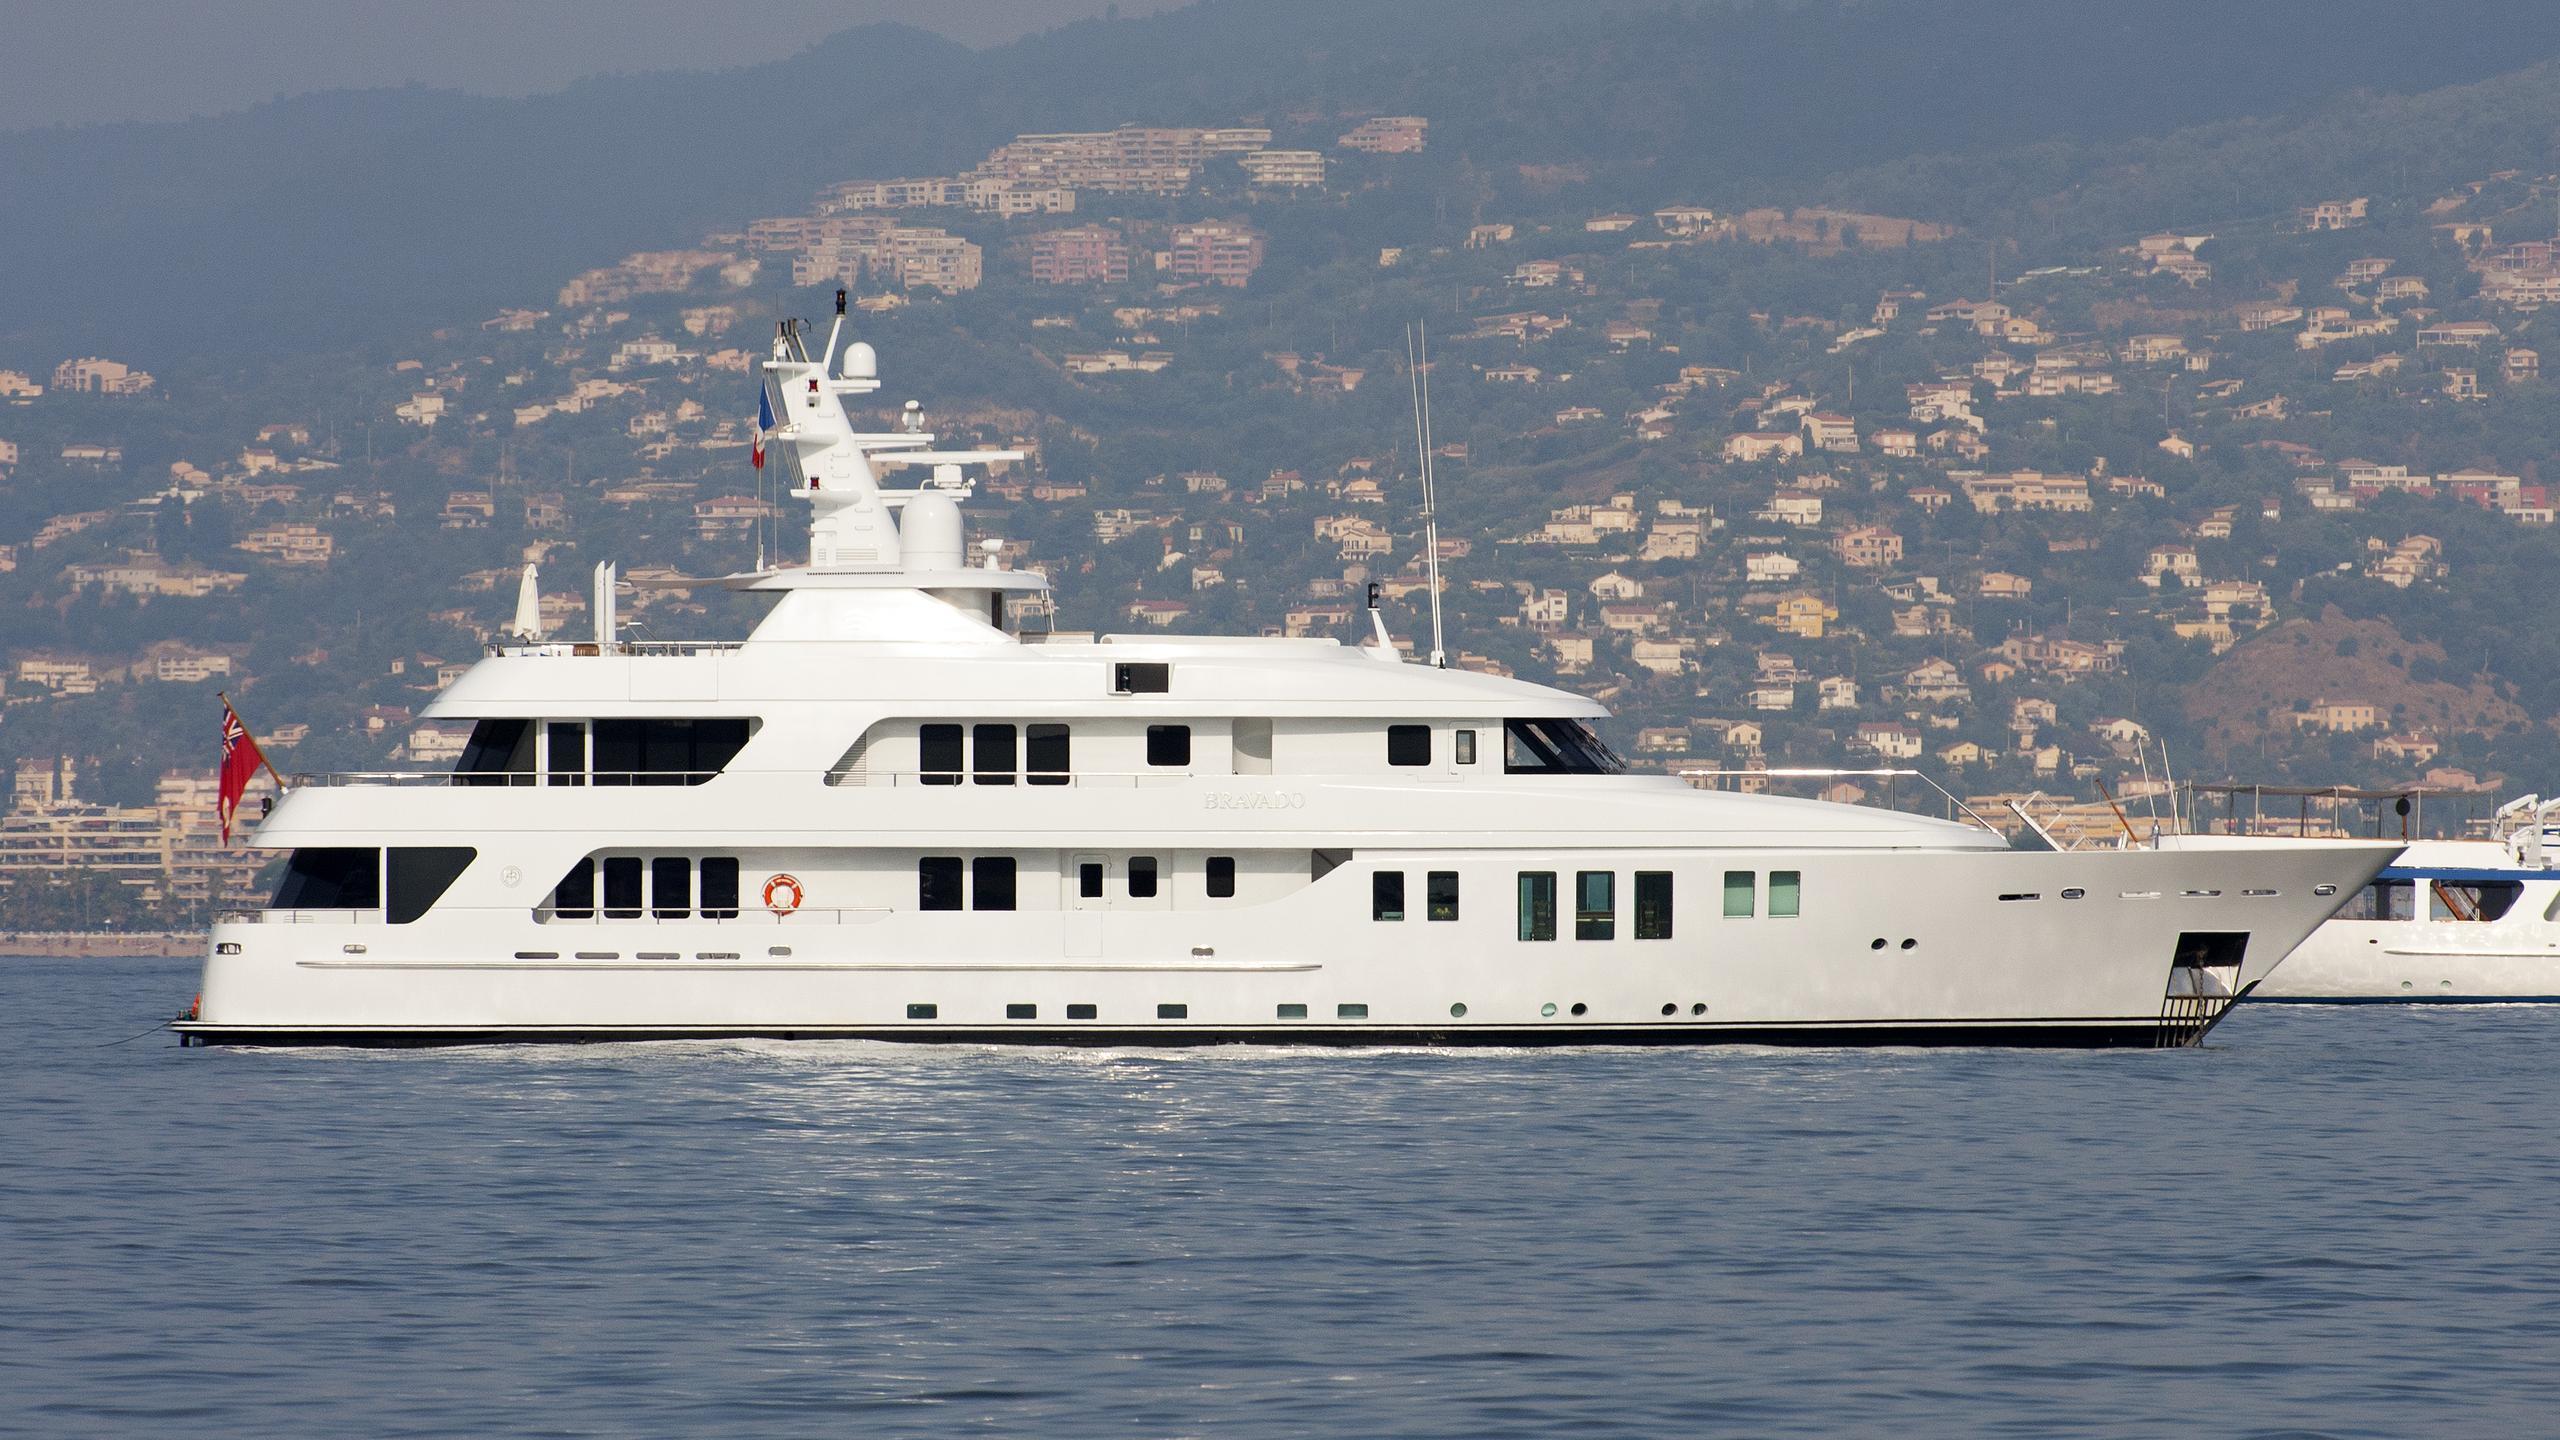 bravado motor yacht abeking rasmussen 2004 45m profile before refit